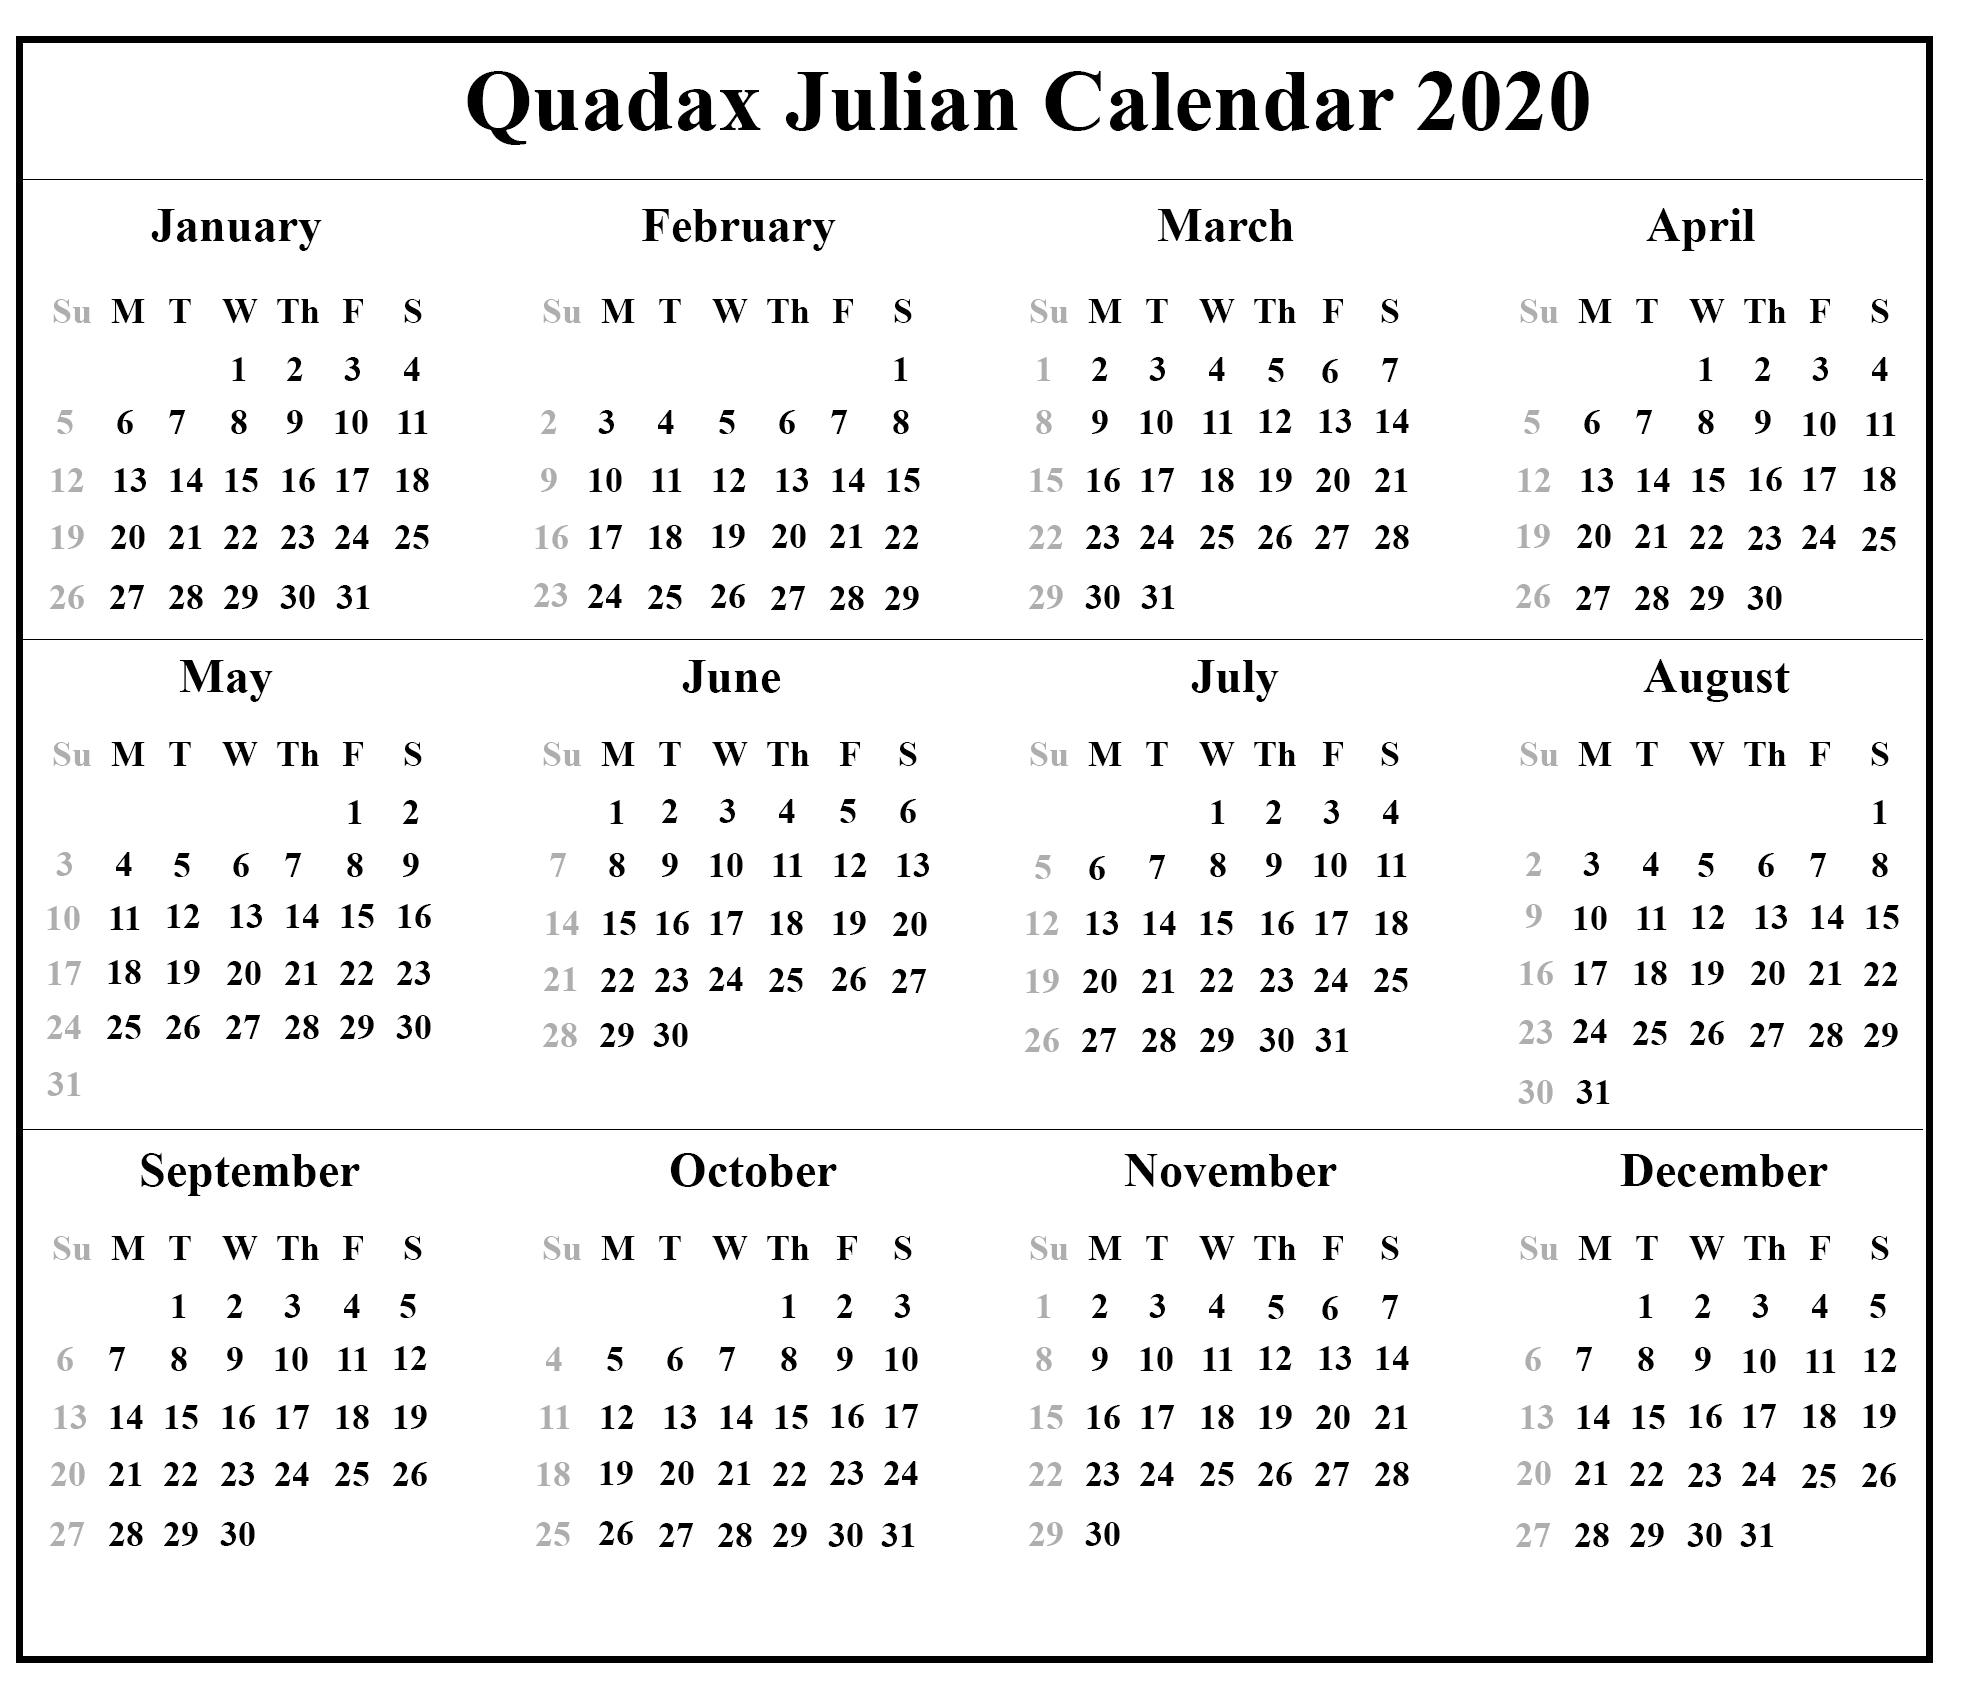 Julian Calendar 2019 Quadax 2019 Julian Date Calendar in Calendario Juliano 2020 Quadax